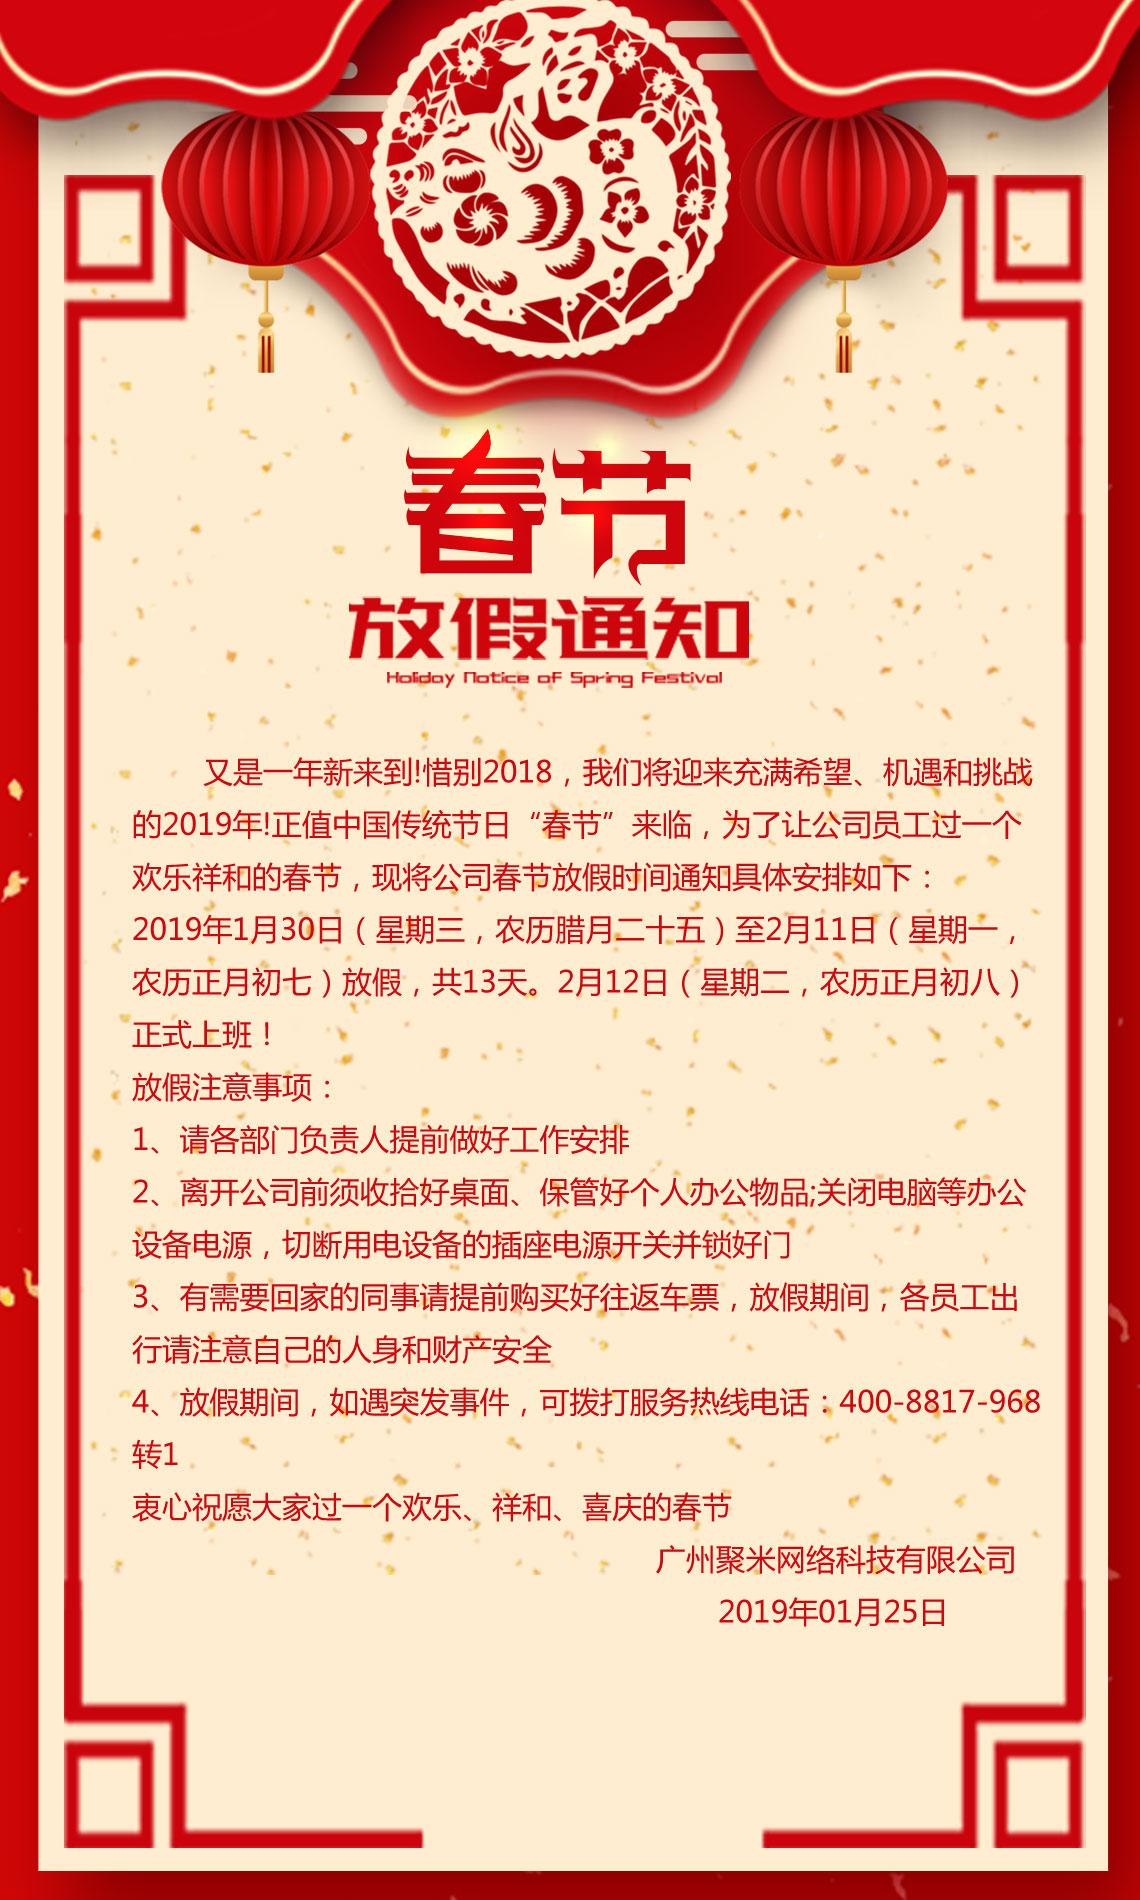 2019年聚米网络春节放假通知